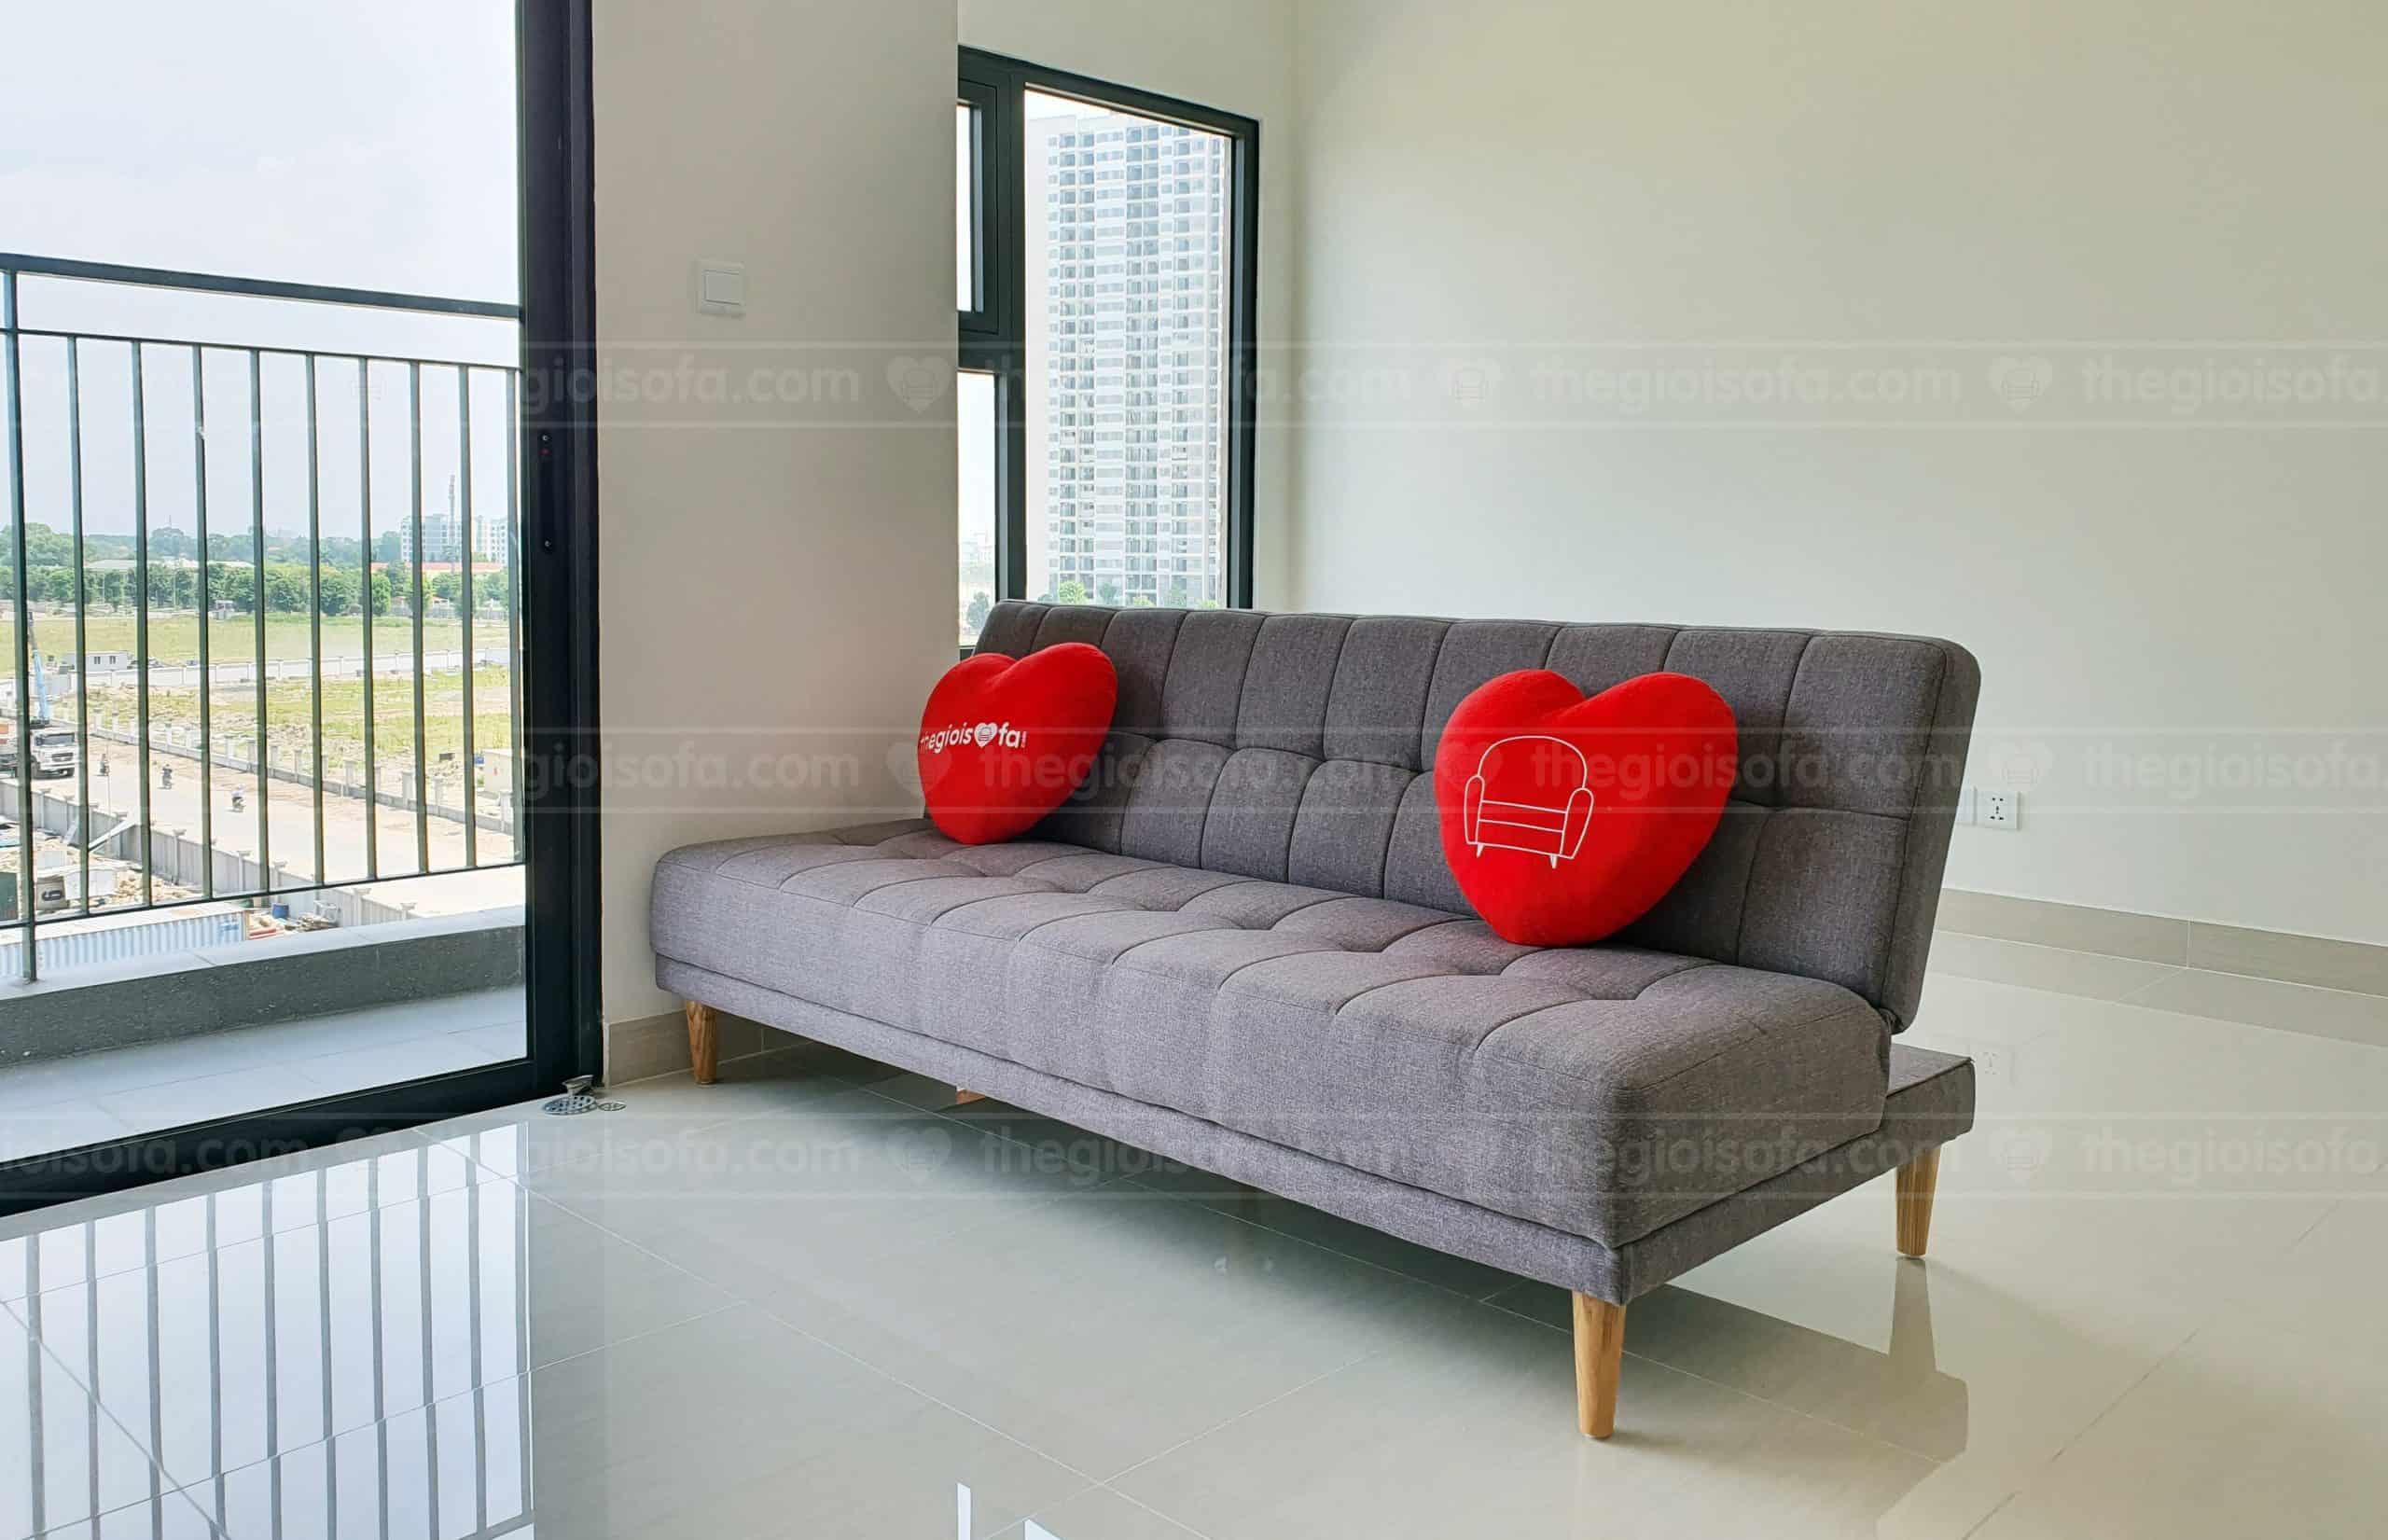 Giao hàng sofa giường SofaLand Vera cho anh Nhân ở khu Ocean Park, Gia Lâm, Hà Nội